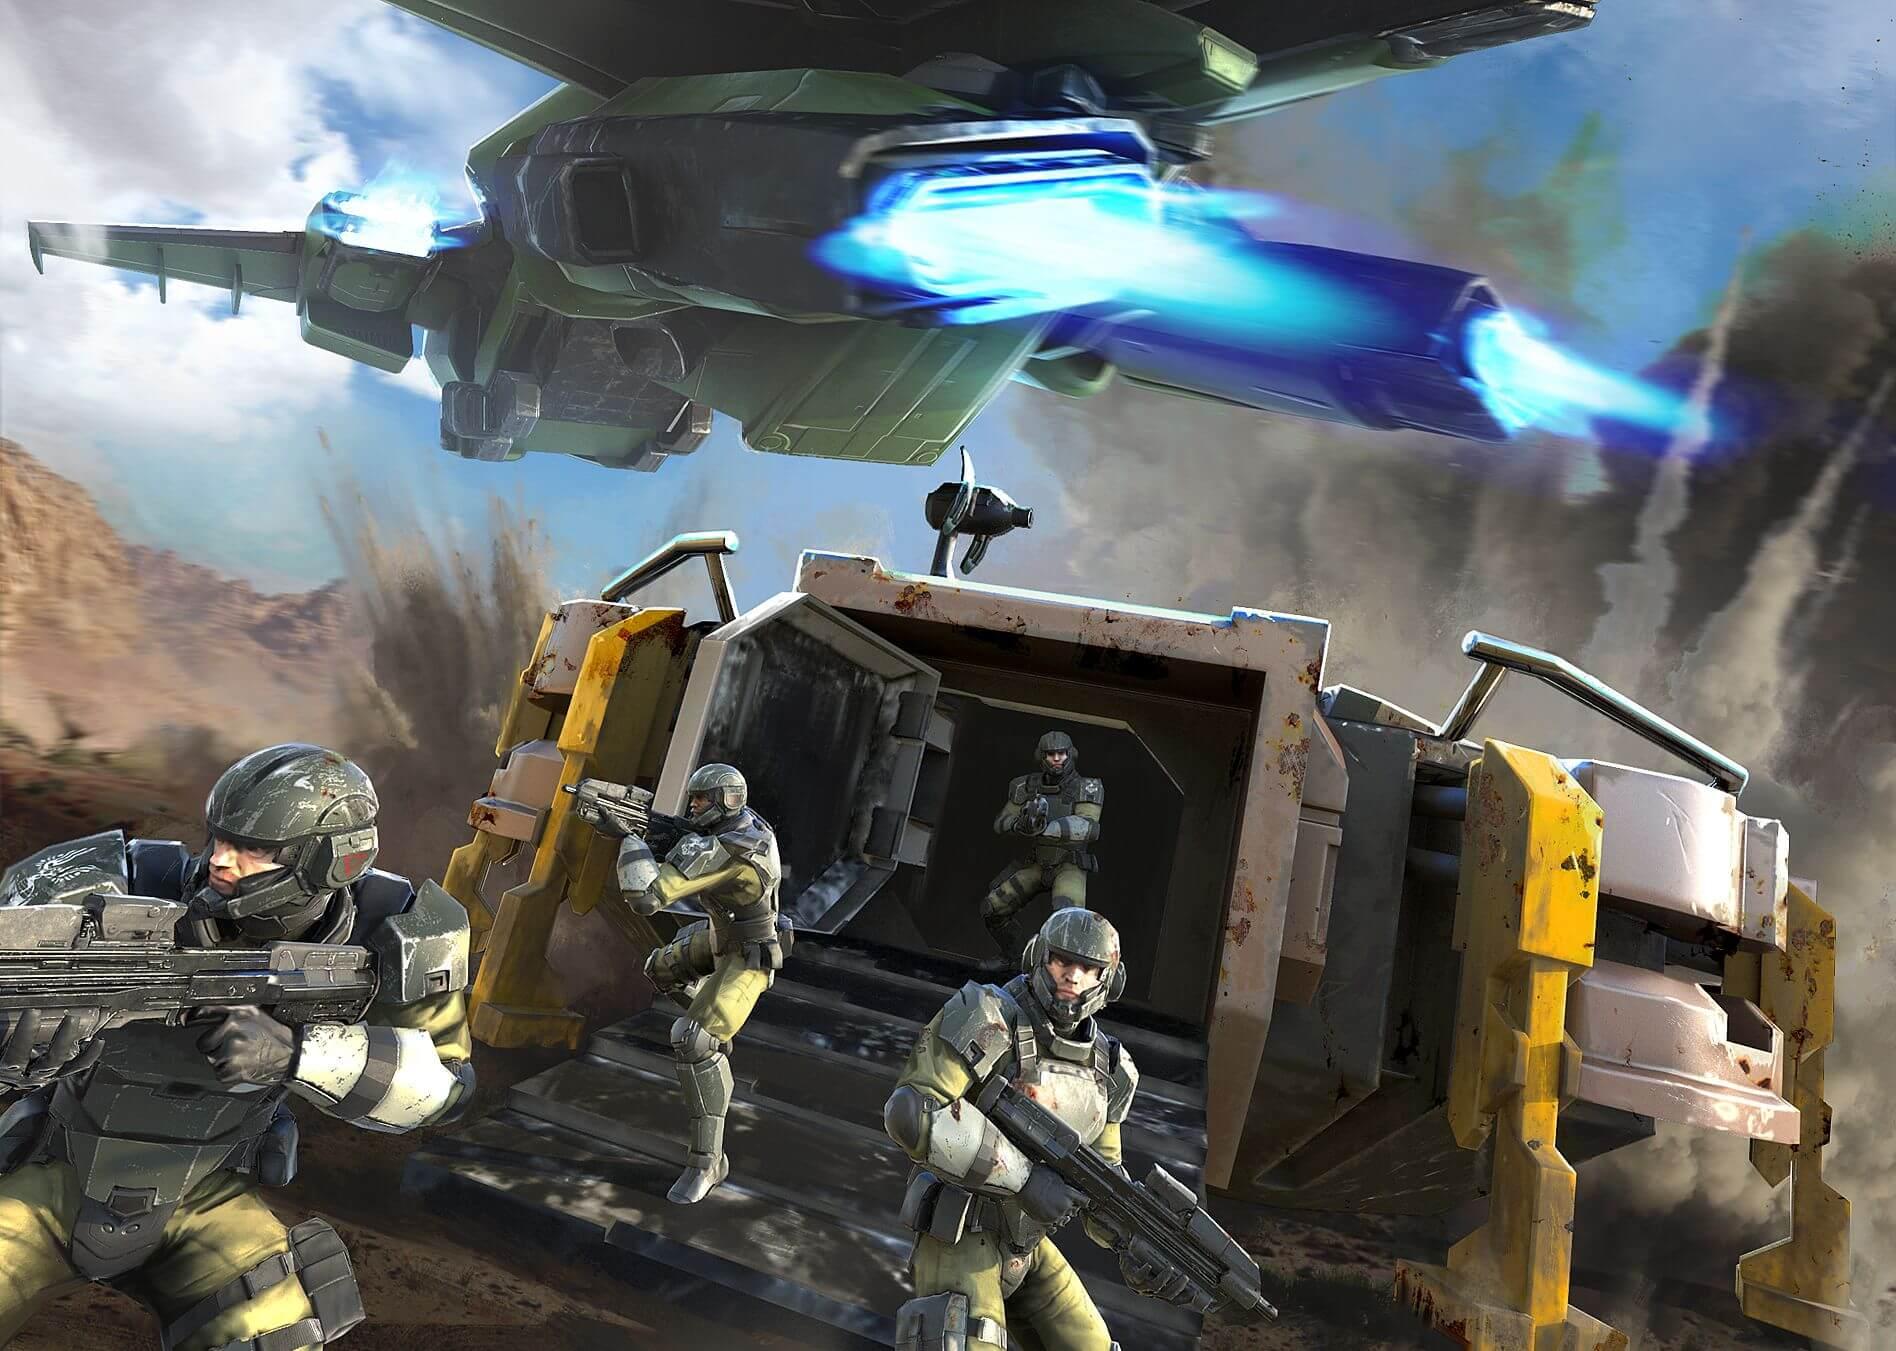 Guía de Halo (4): El Covenant 4